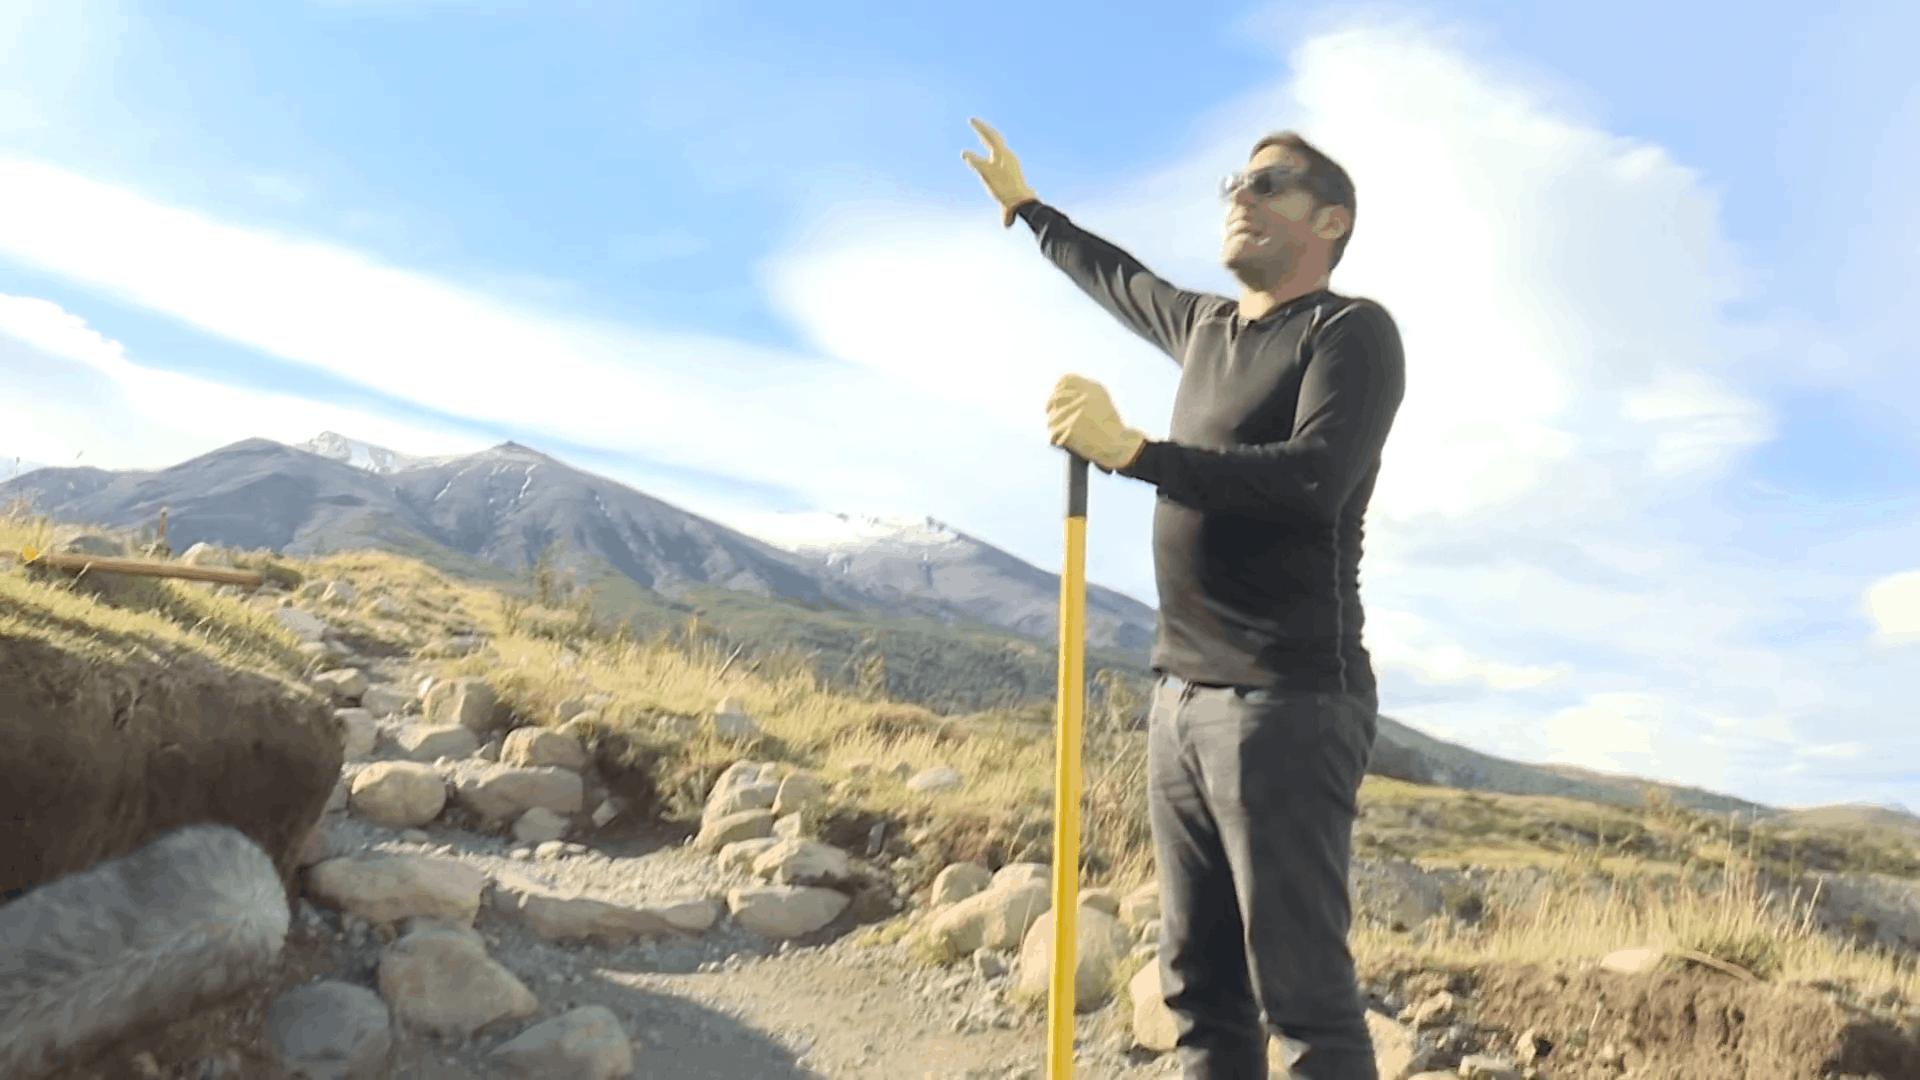 Reconstruyendo senderos en Torres del Paine